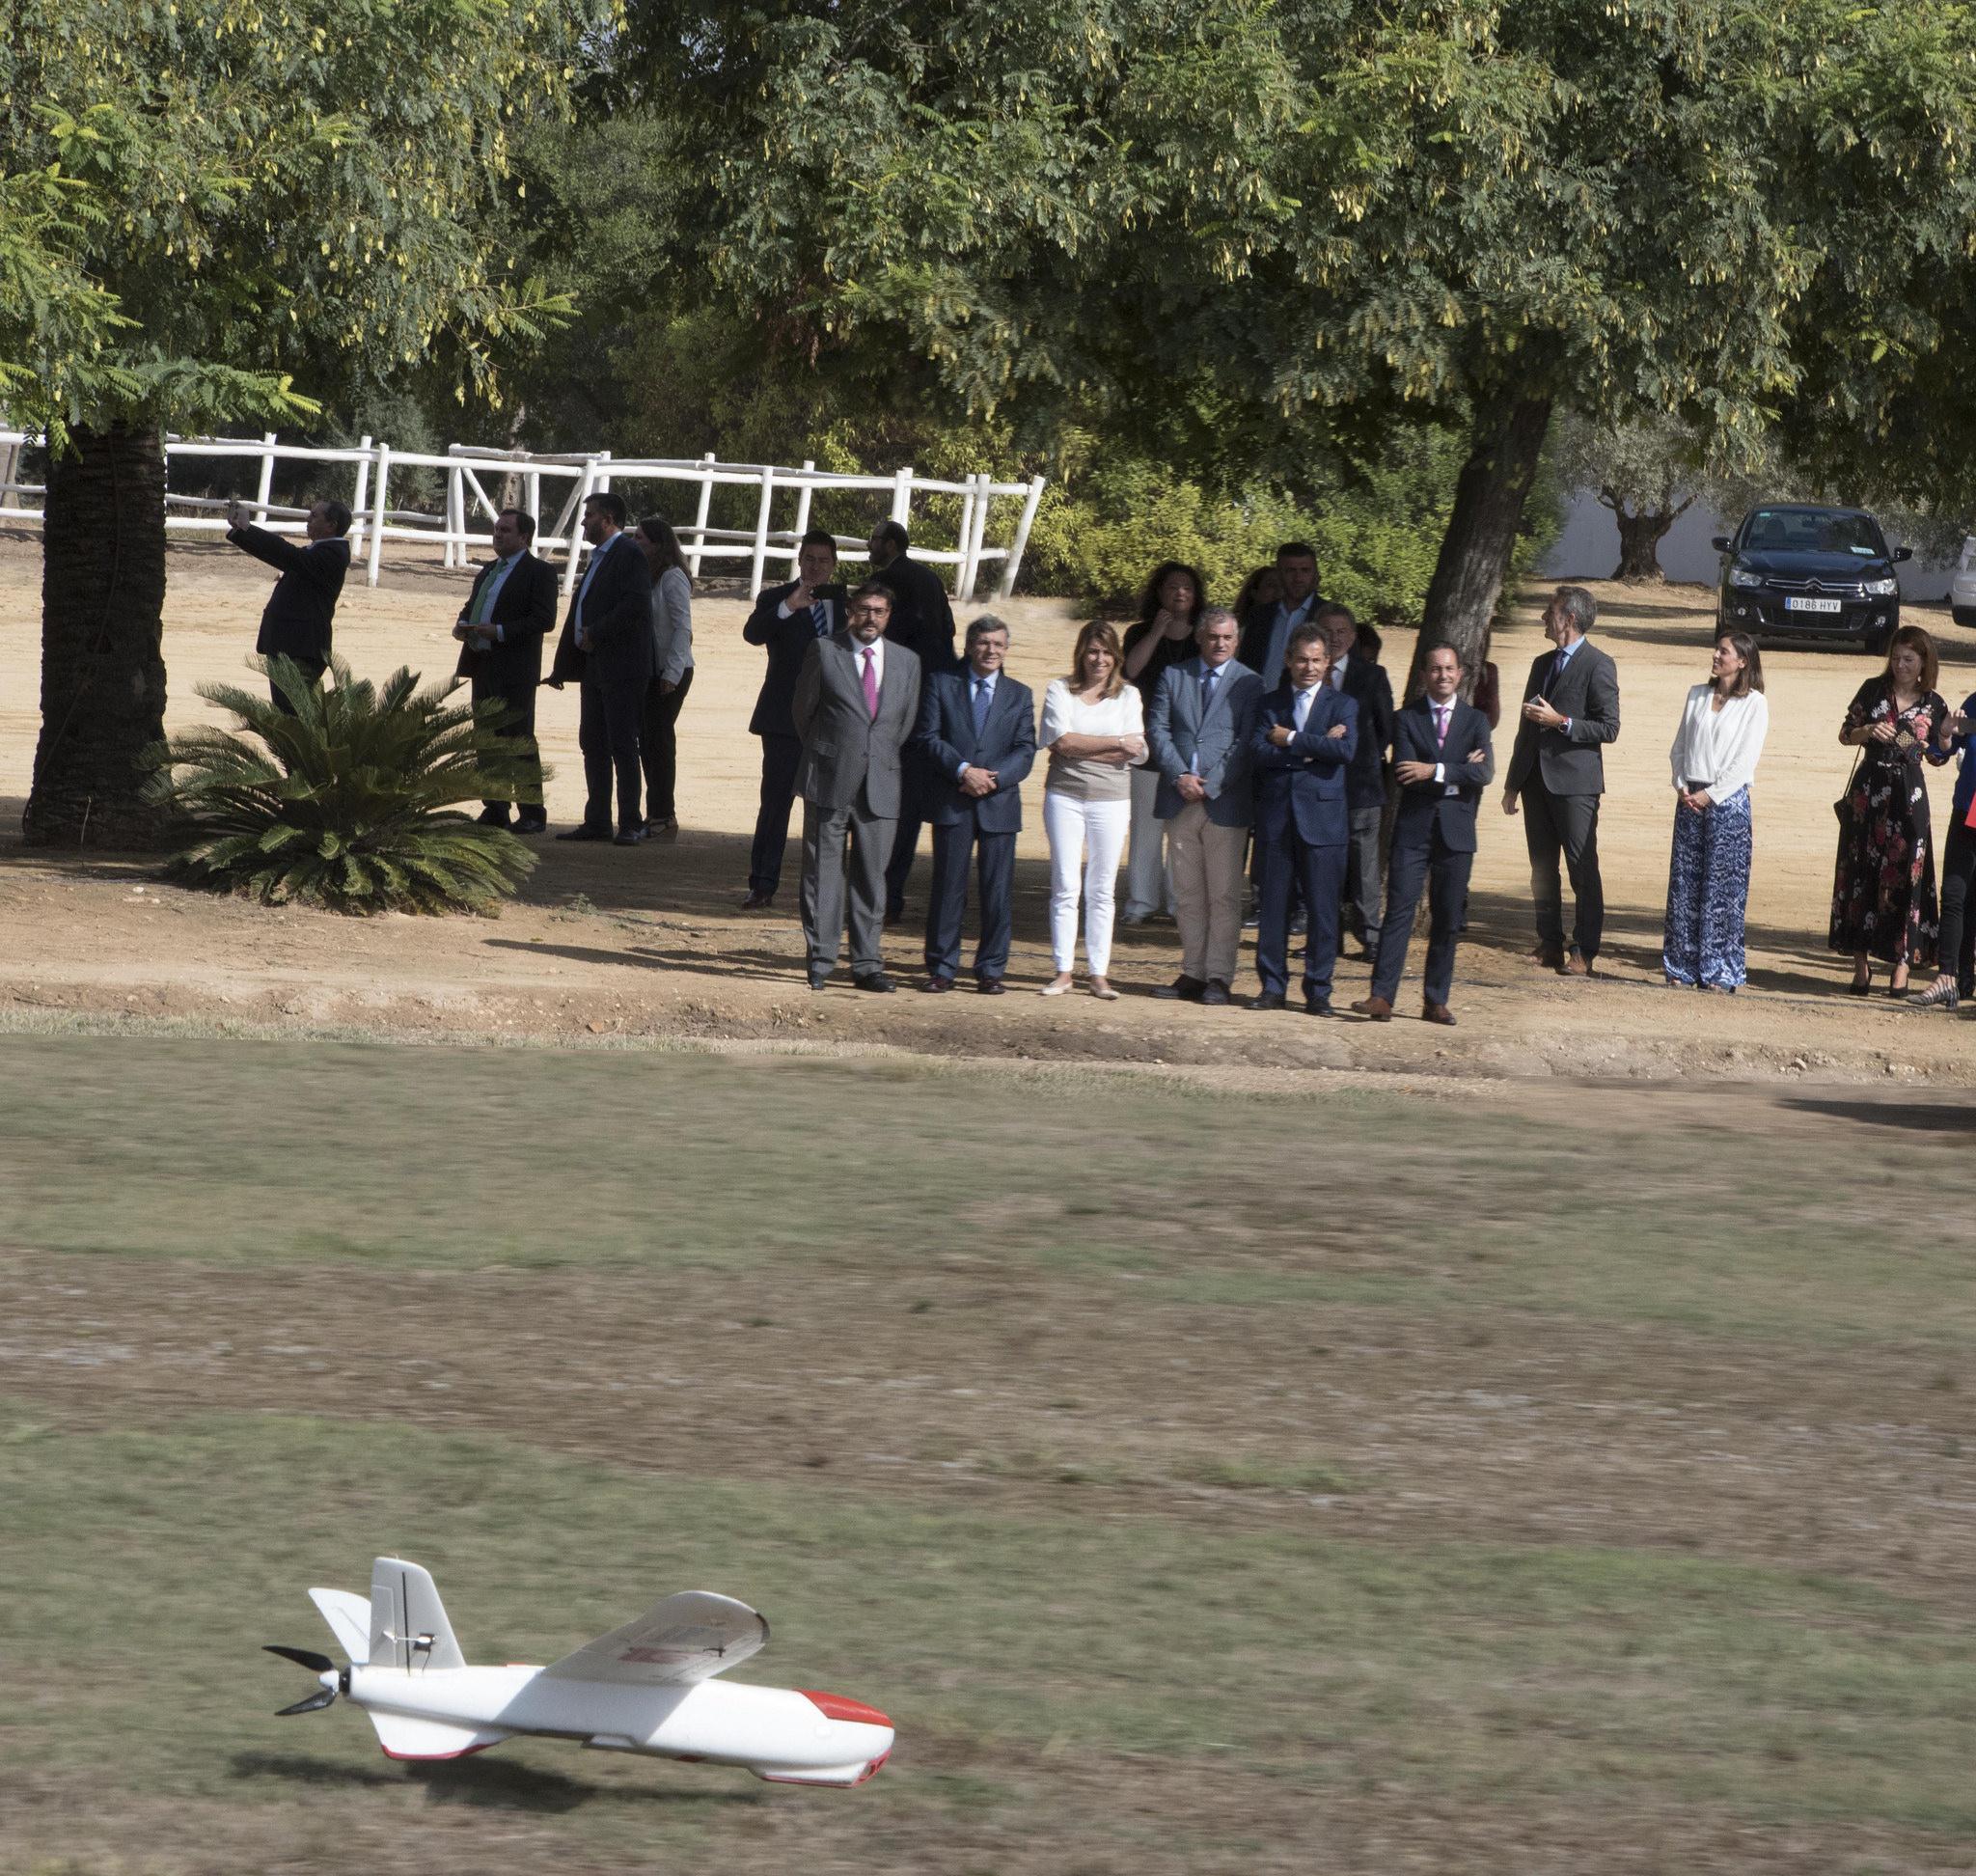 Nuestro Centro colabora con Vodafone en el desarrollo de un sistema para controlar el vuelo de los drones a través de la red móvil 4G